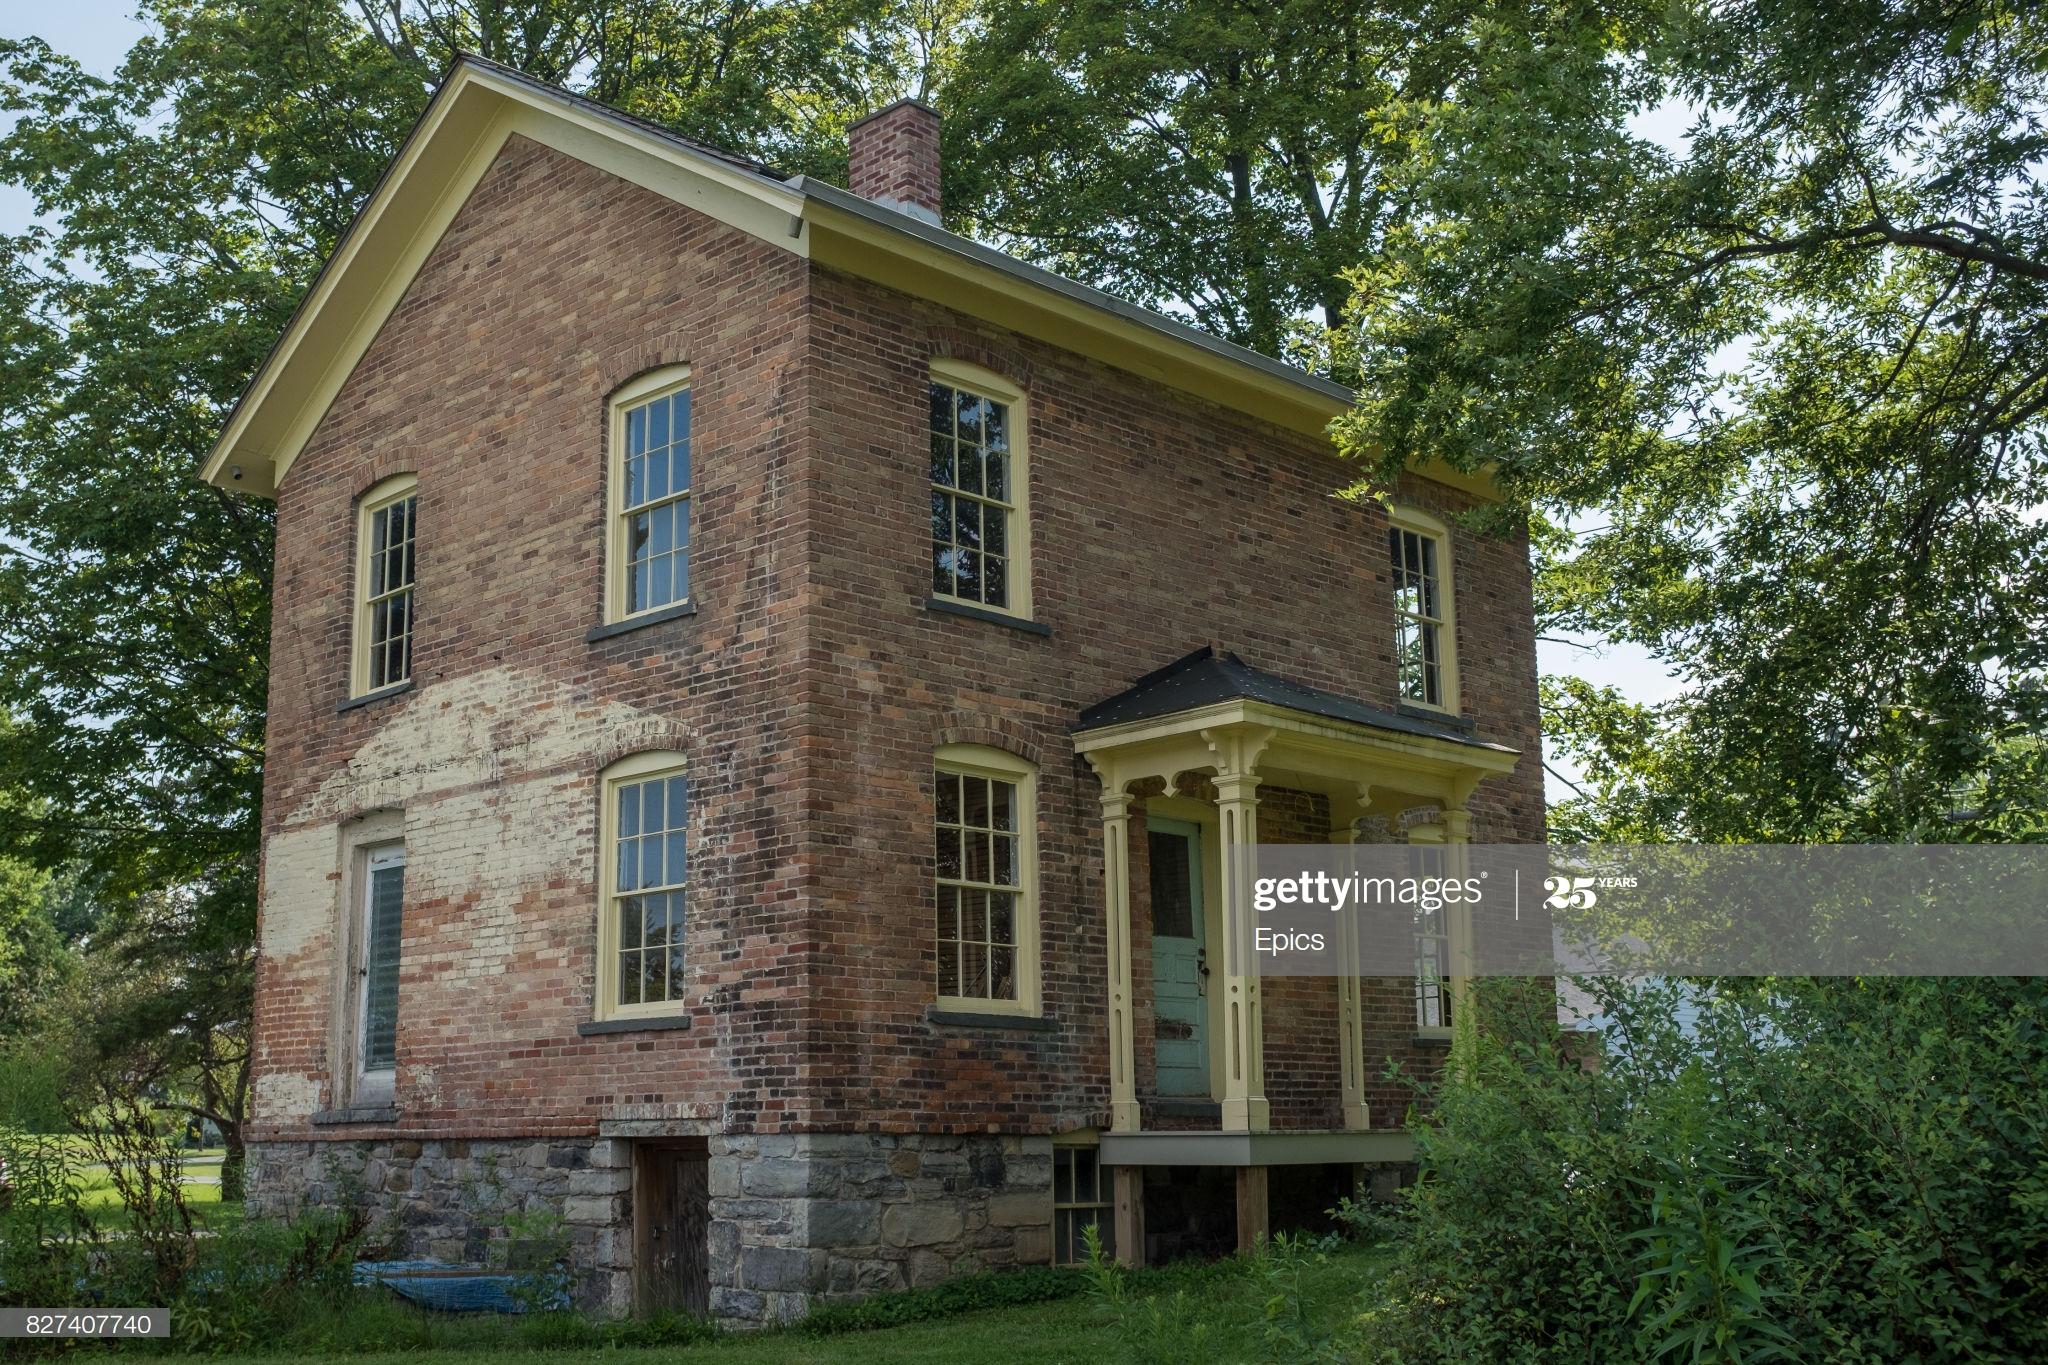 Photo of Harriet Tubman's Home (Auburn, NY)